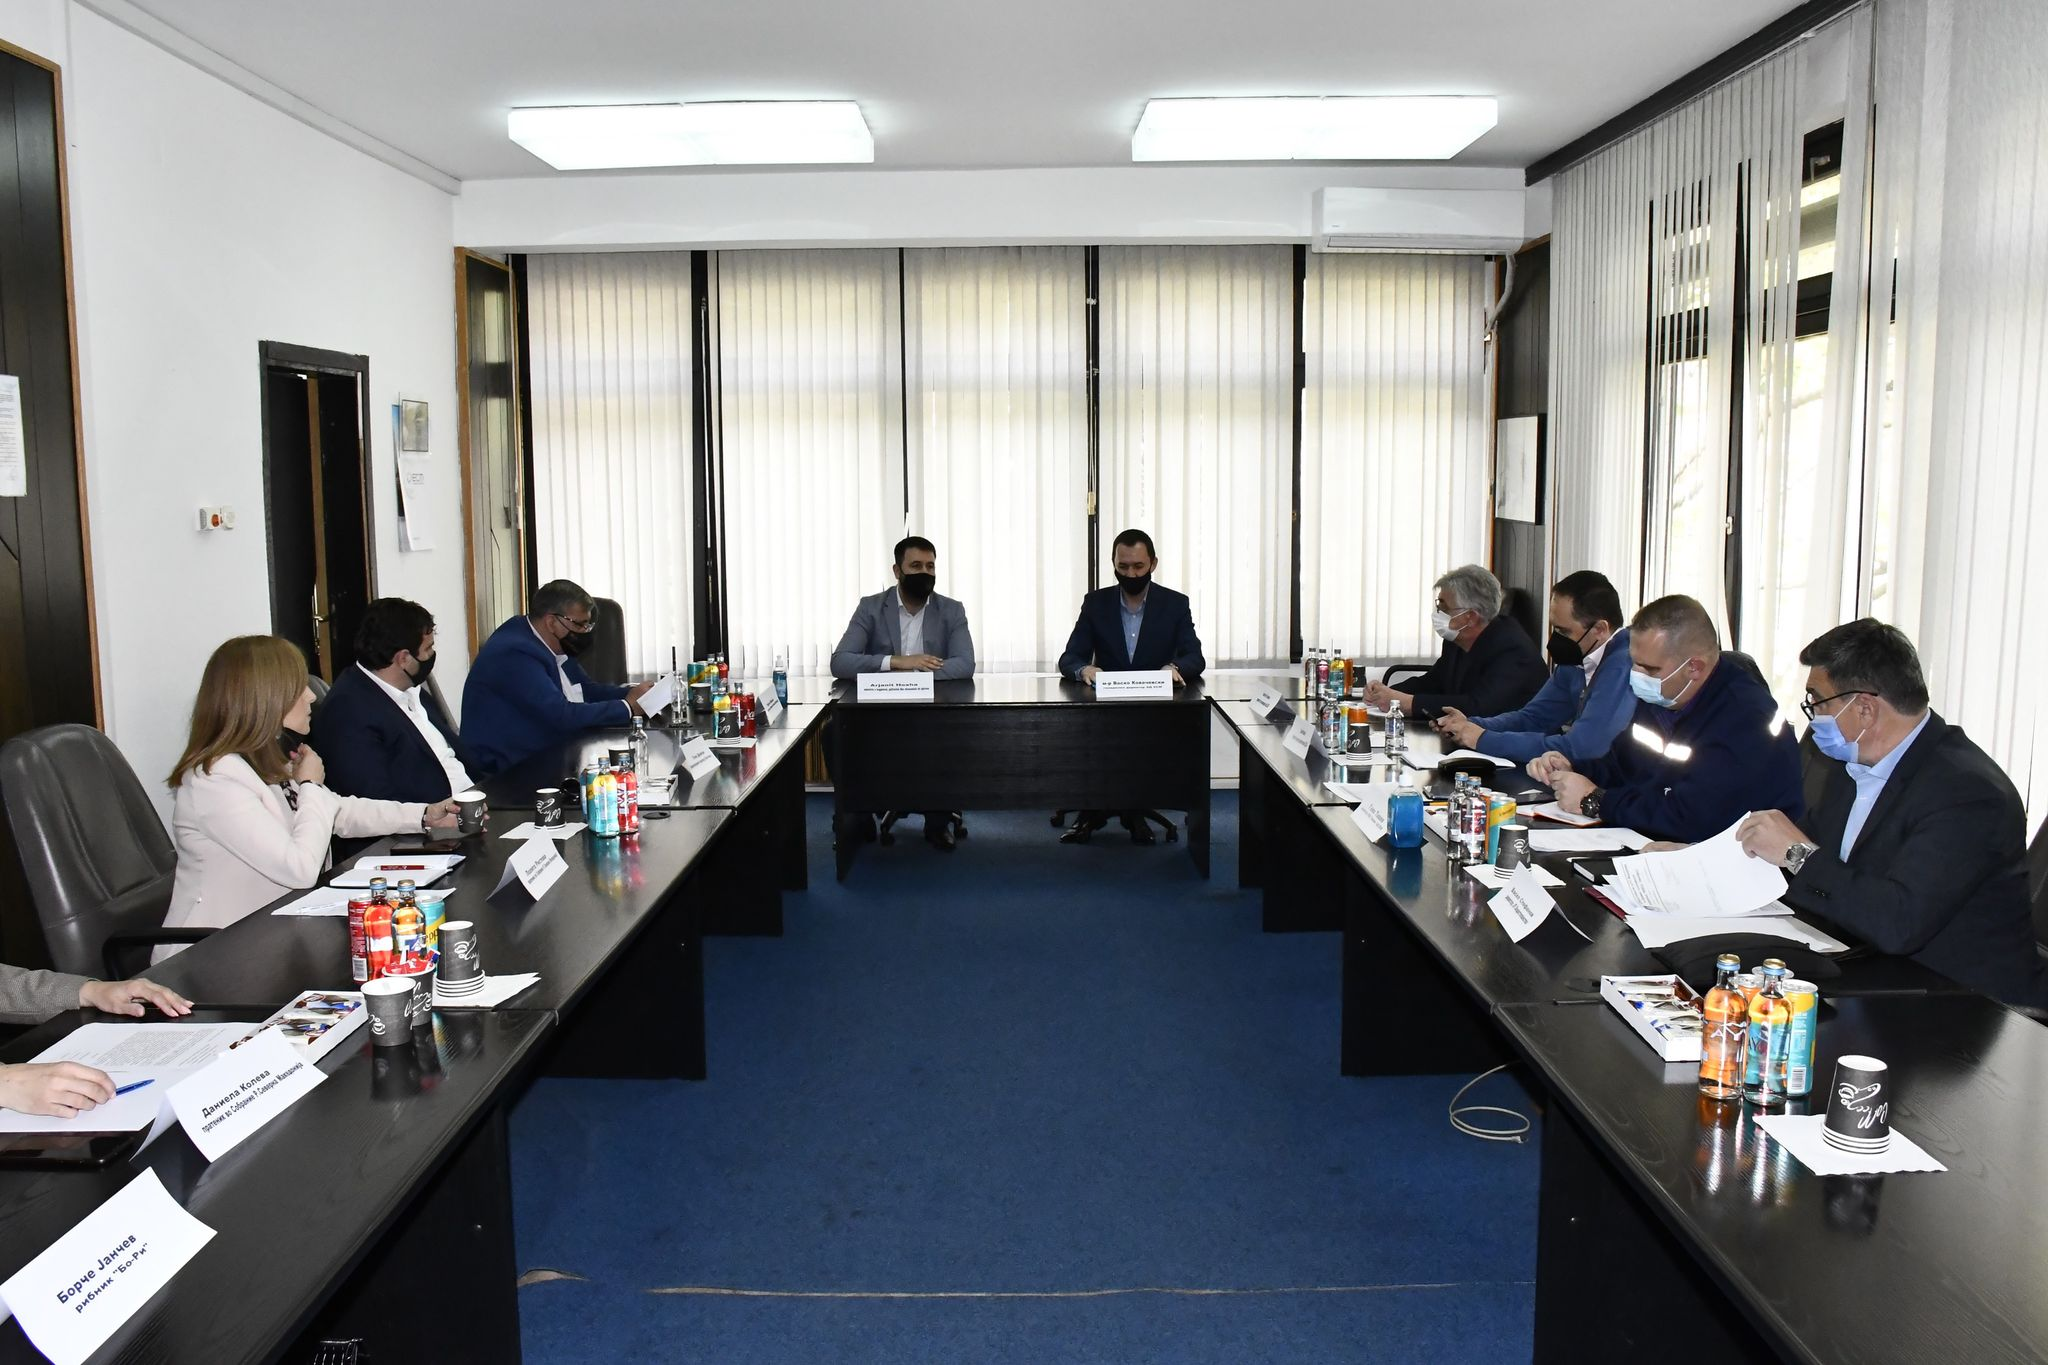 АД ЕСМ свика меѓуинституционален состанок во ХЕЦ Тиквеш за мерки за подобрување на нивото на акумулацијата